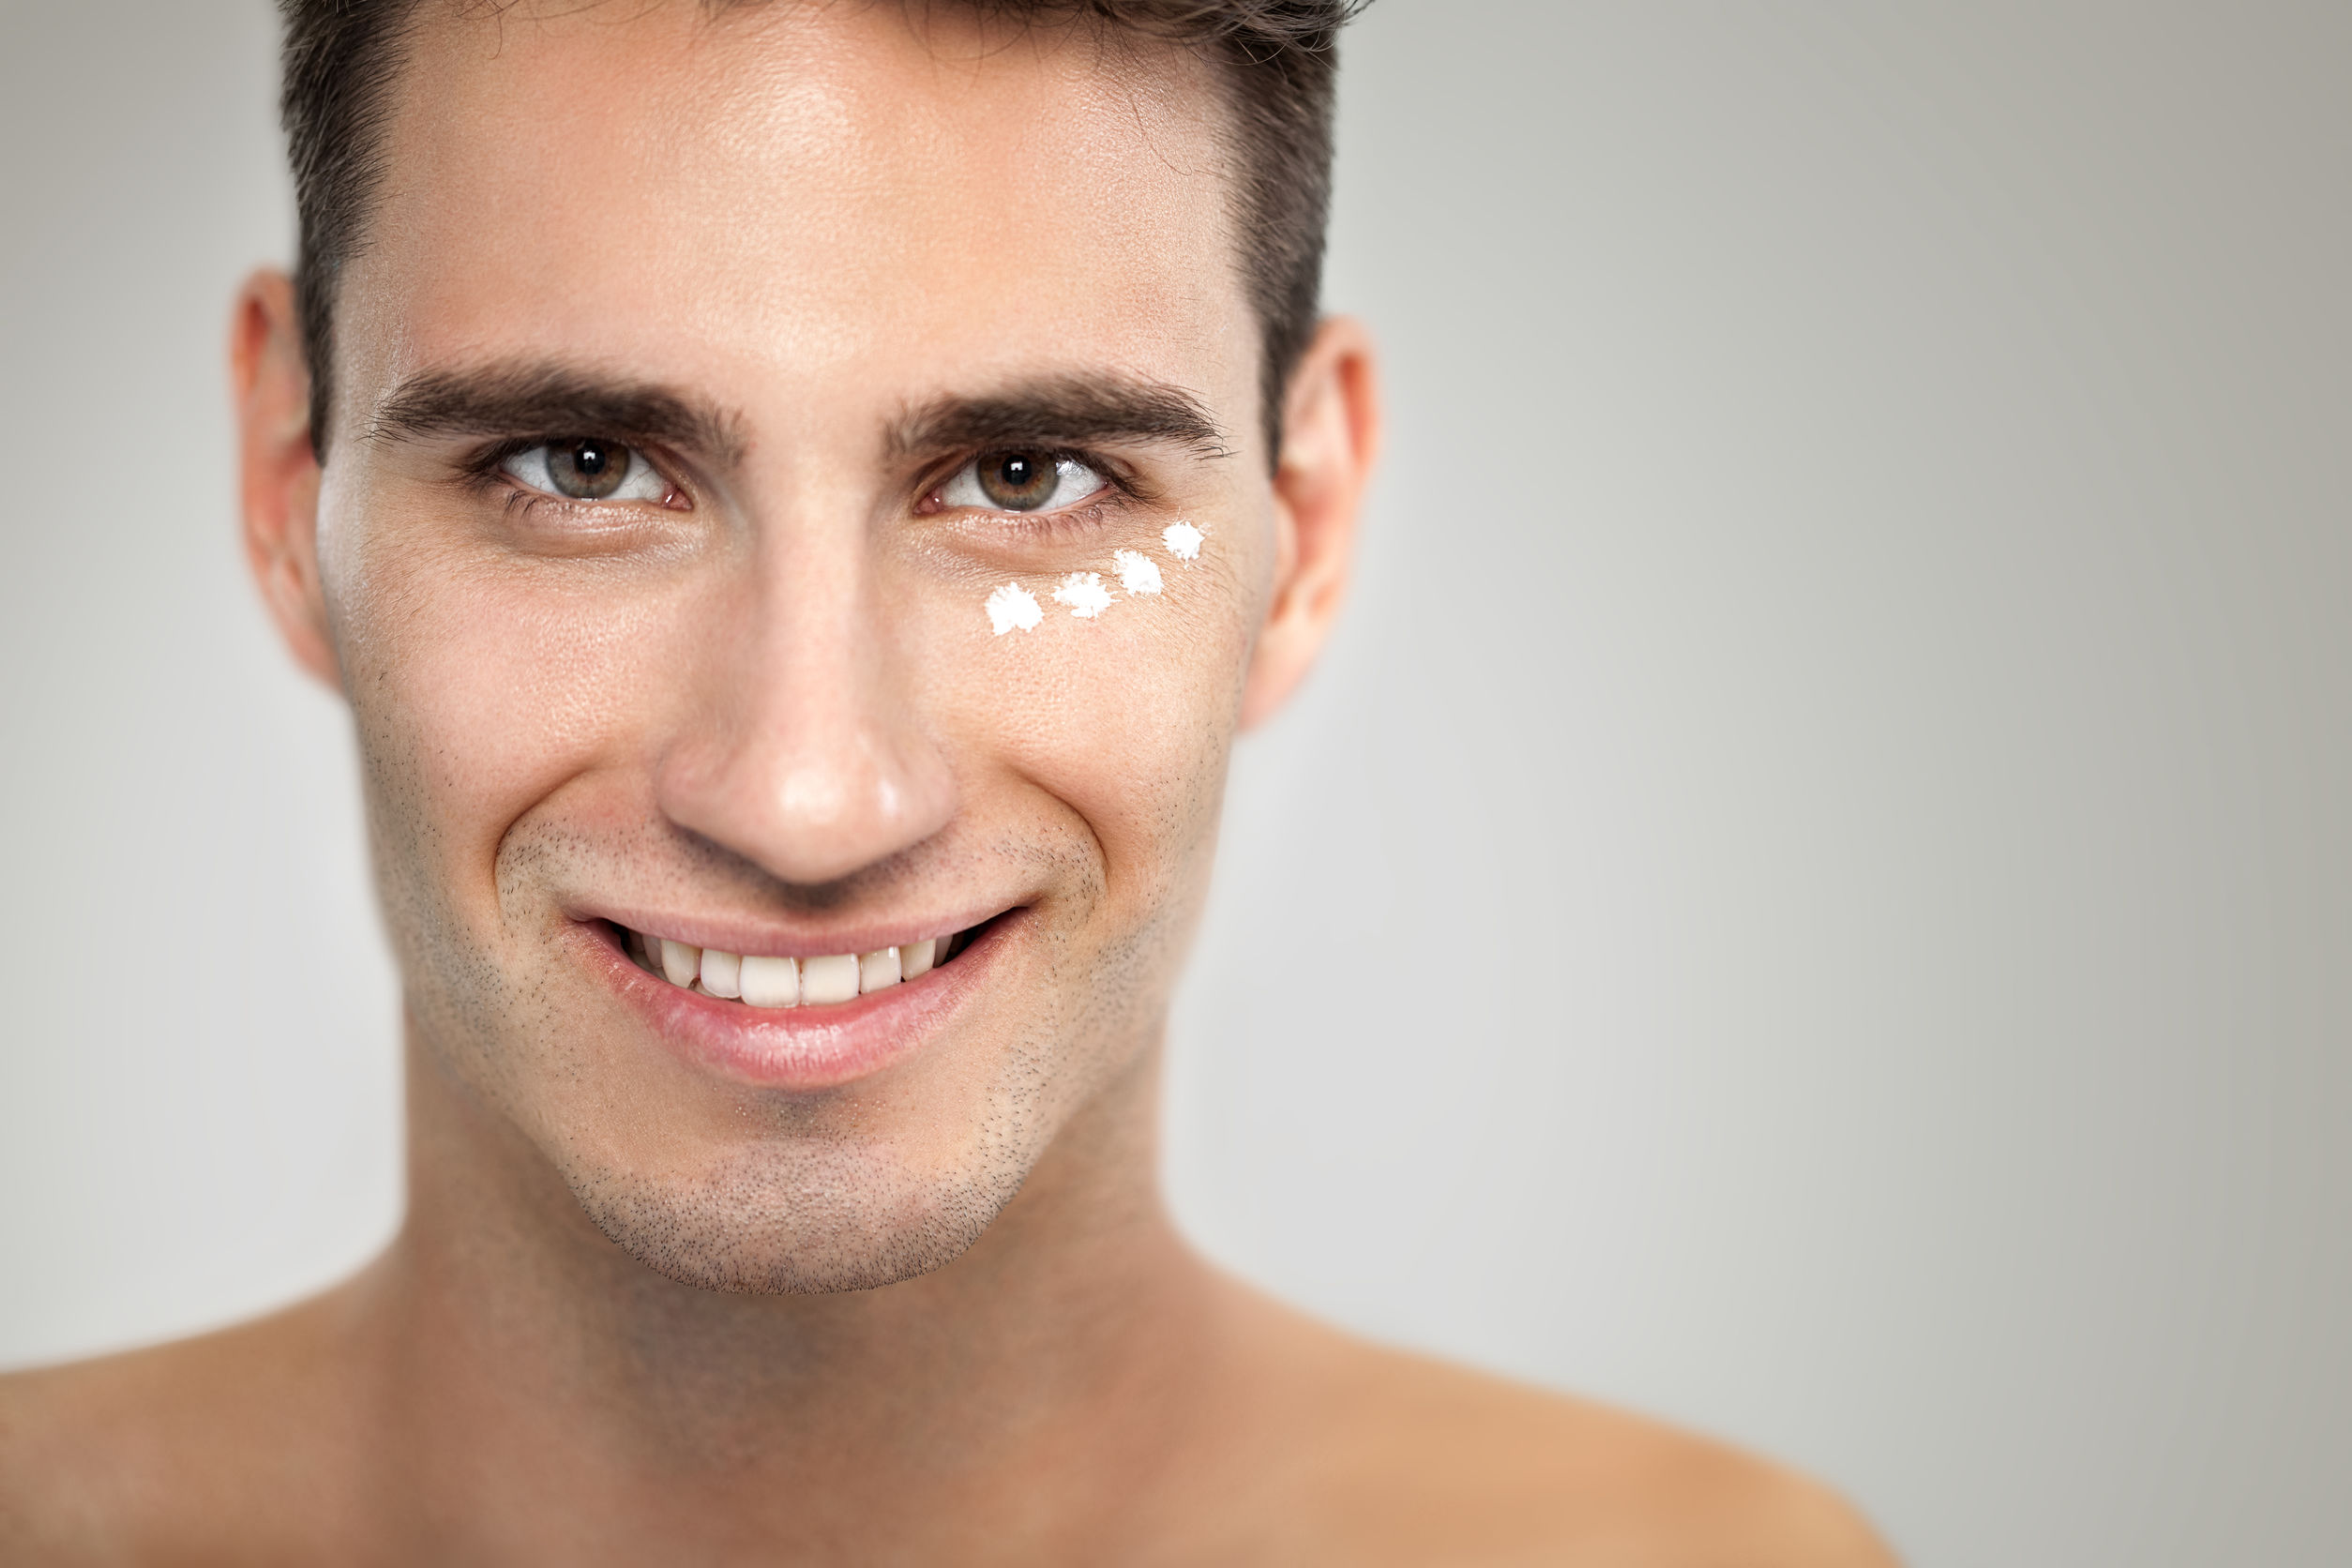 Cuanto cuesta una limpieza facial para hombres